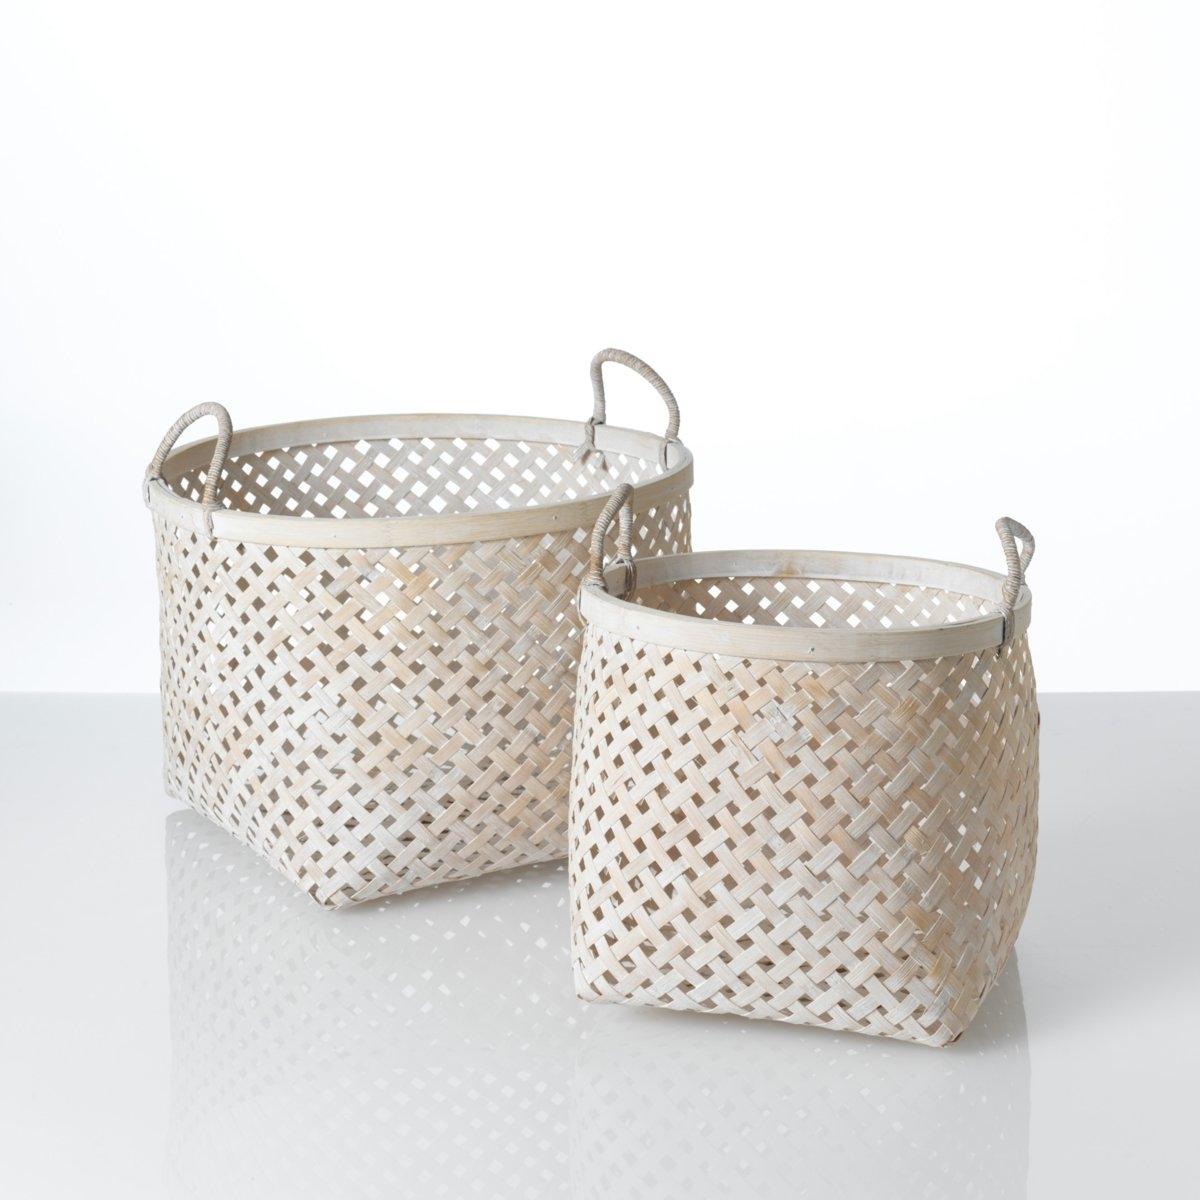 Комплект из 2 корзин Tigra от La Redoute